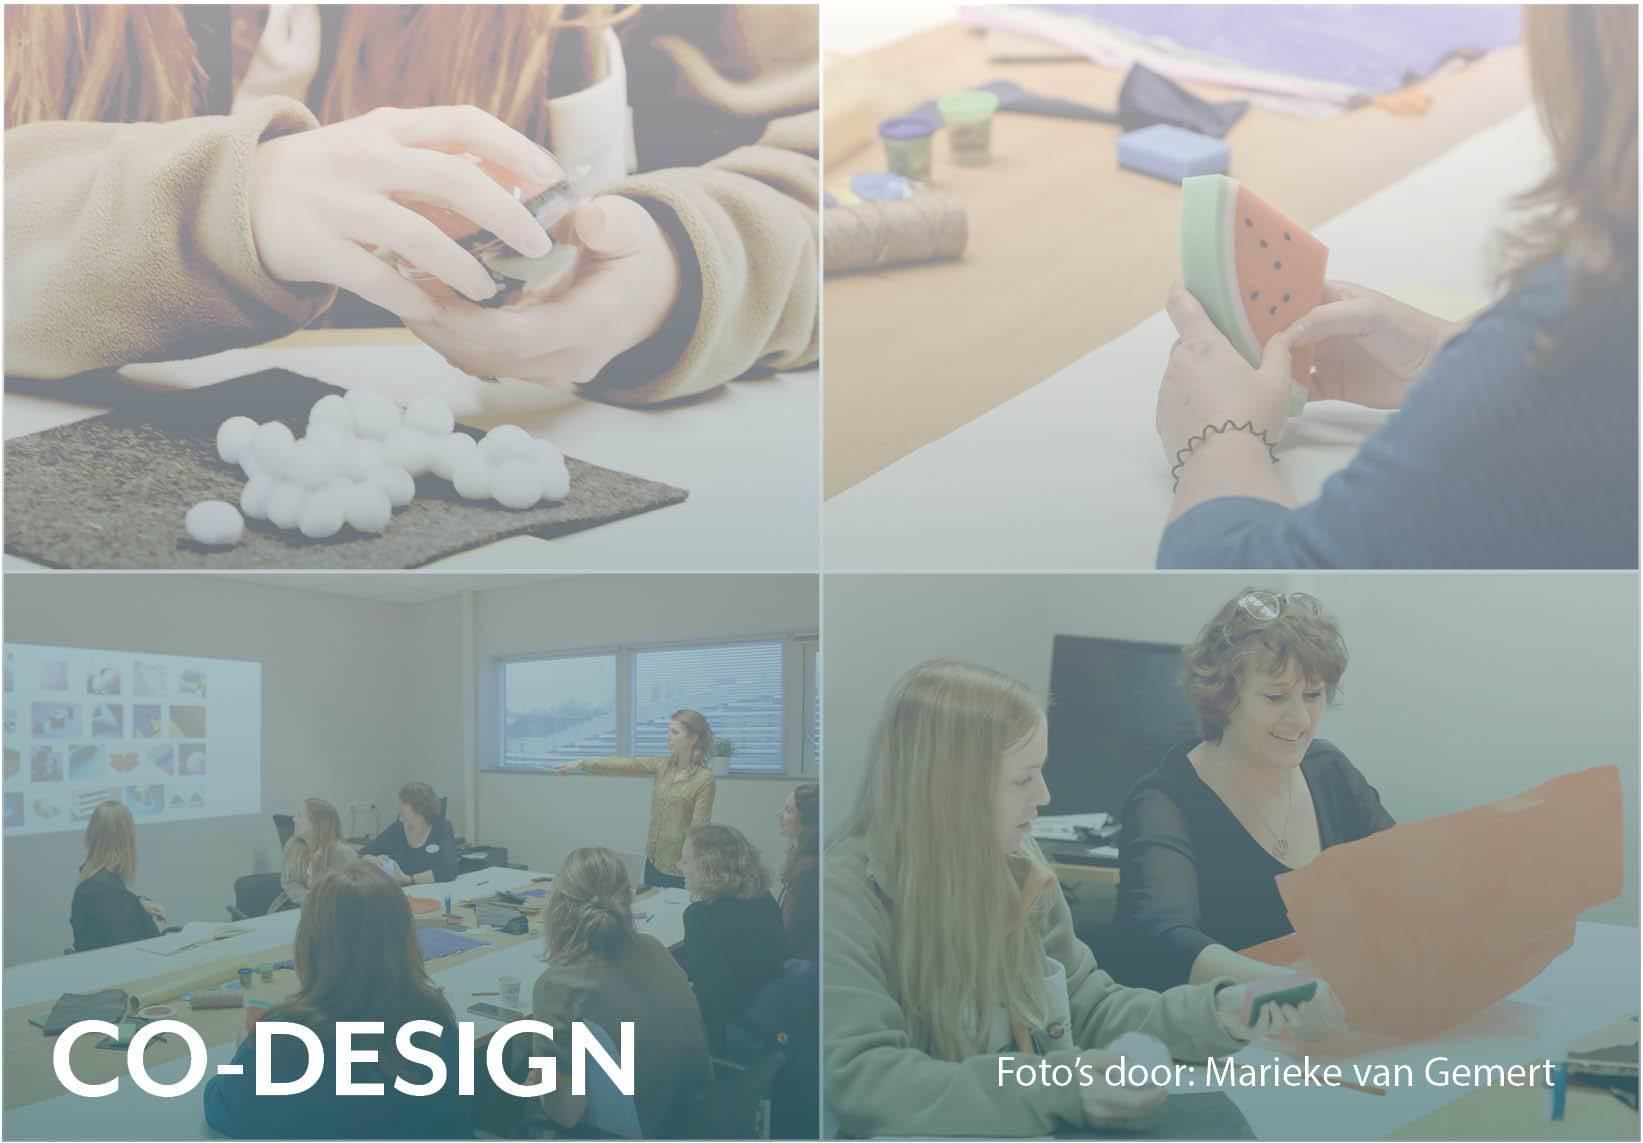 Samen ontwerpen we 'warme technologie'